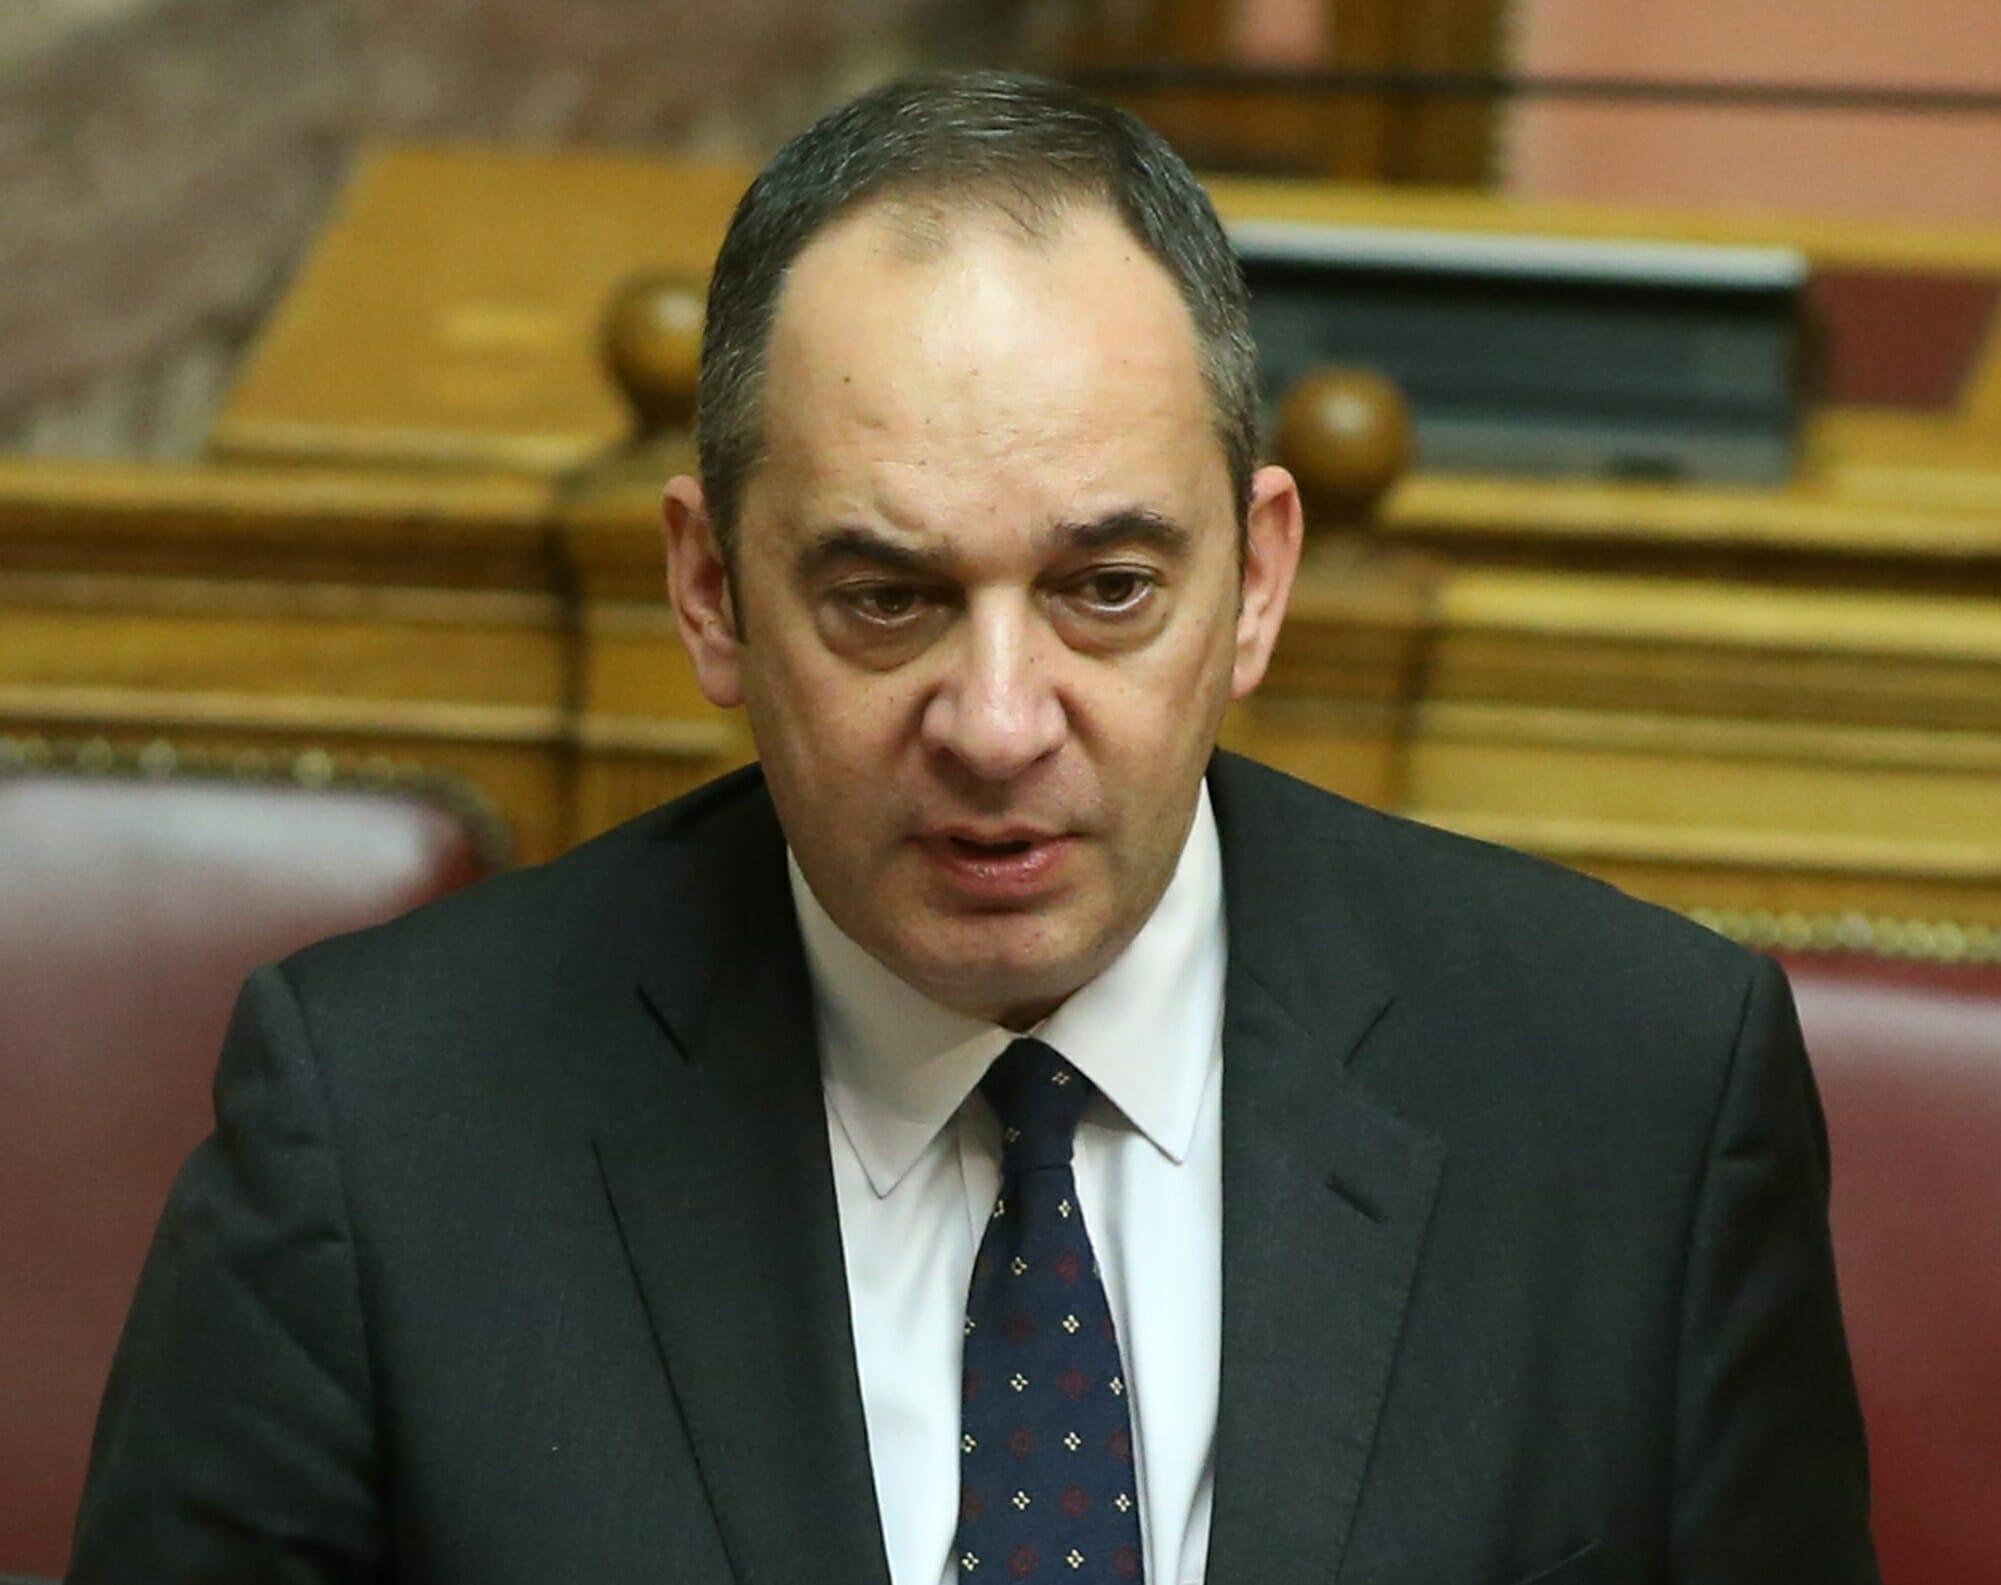 Στο νοσοκομείο Ευαγγελισμός νοσηλεύεται ο υπουργός Ναυτιλίας και Νησιώτικης πολιτικής, Γιάννης Πλακιωτάκης, ο οποίος έχει βρεθεί θετικός στον κορονοϊό.